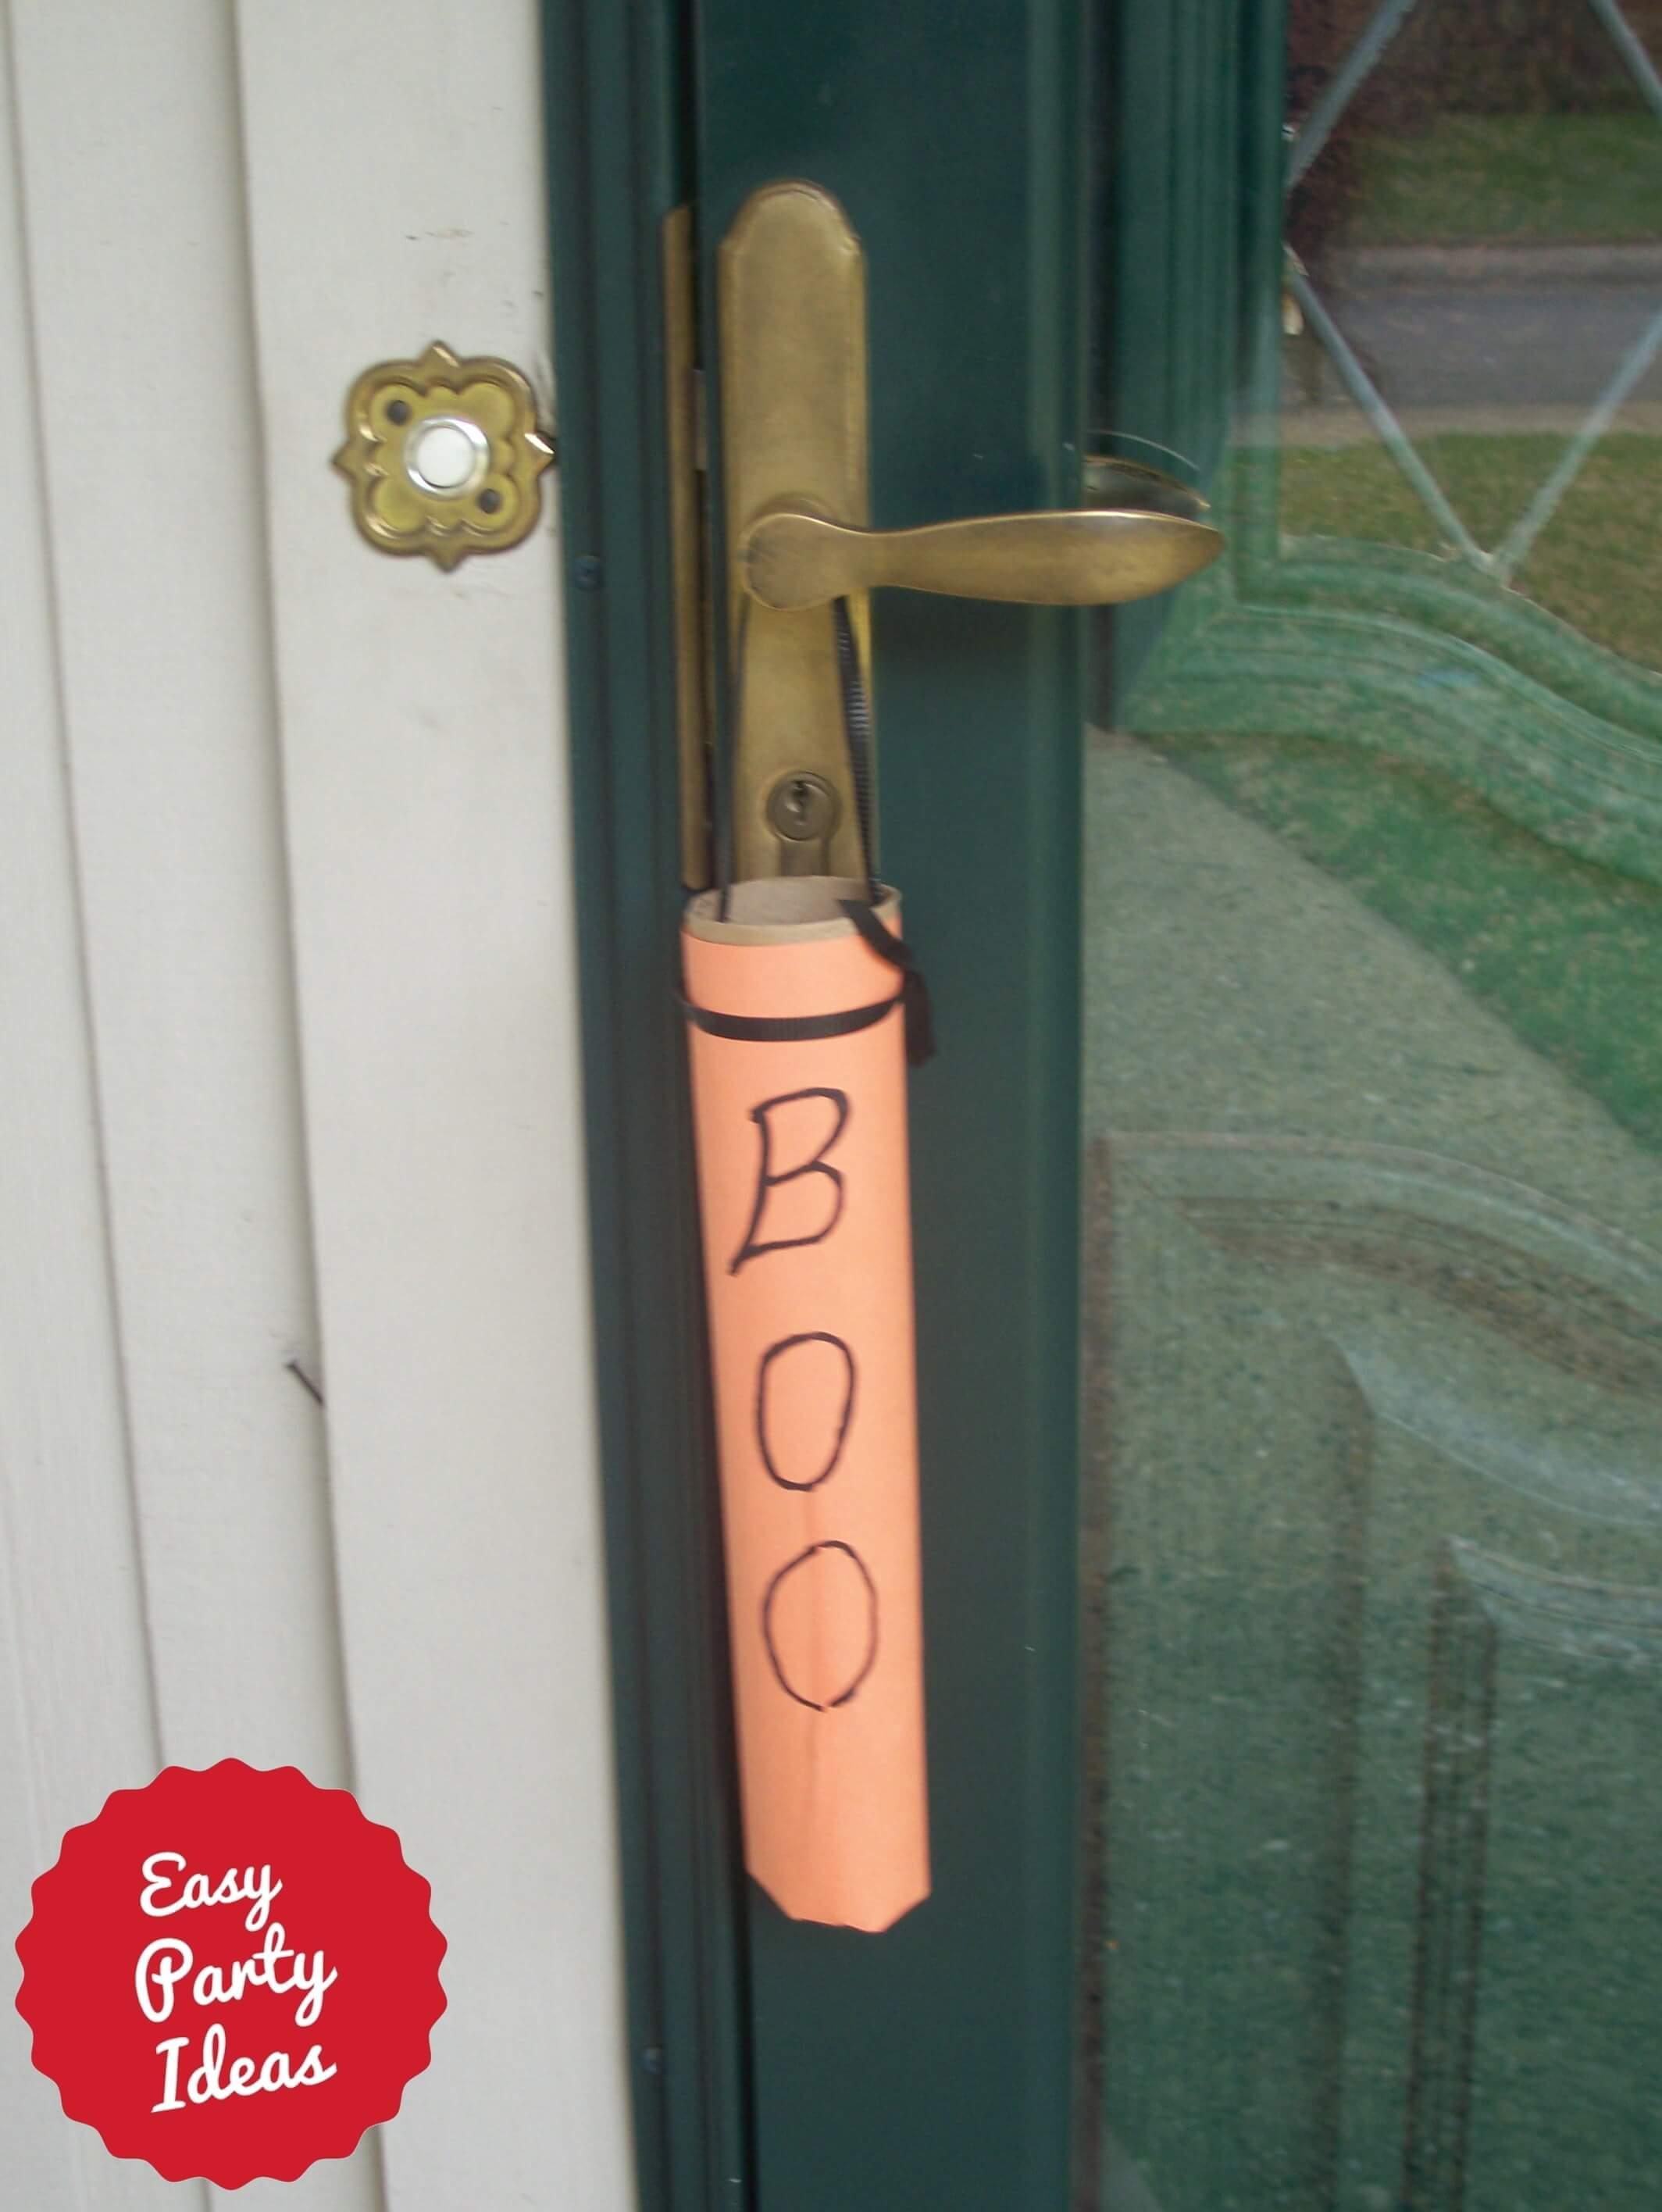 Boo Invitation on Door